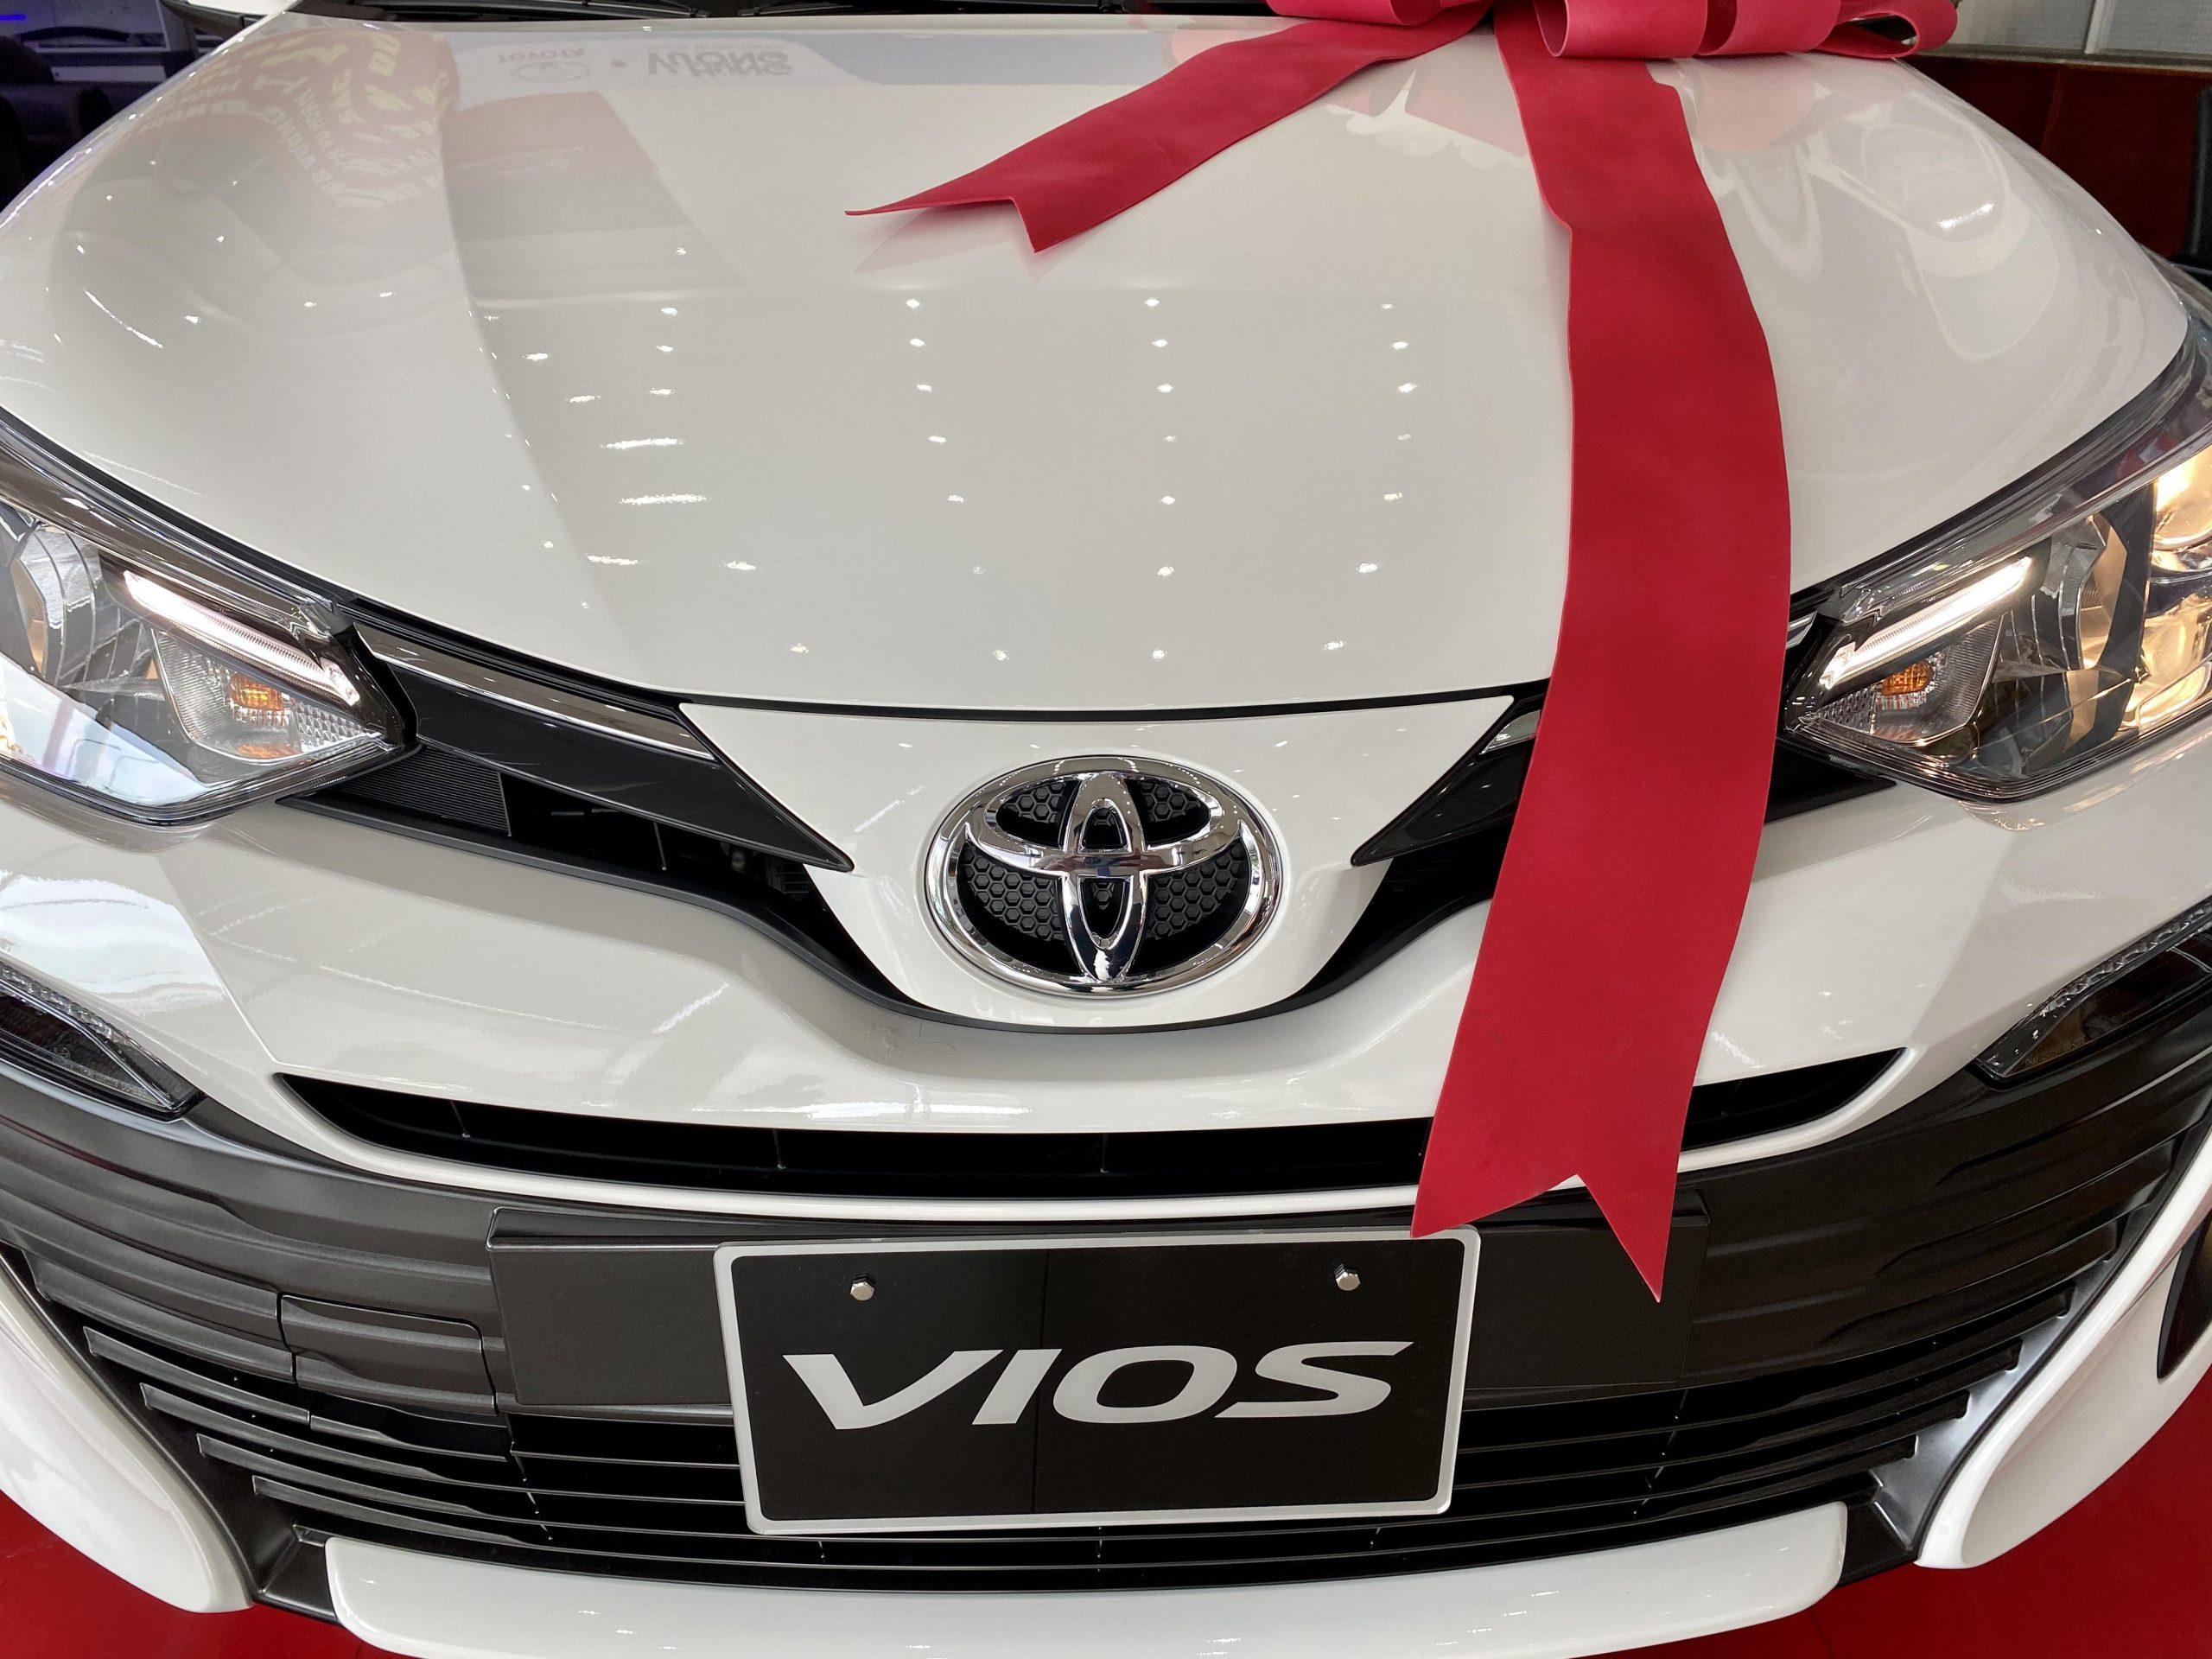 Vios 2020 G 16 scaled - Toyota Vios 2020: giá bán và khuyến mãi cập nhật mỗi 2 phút